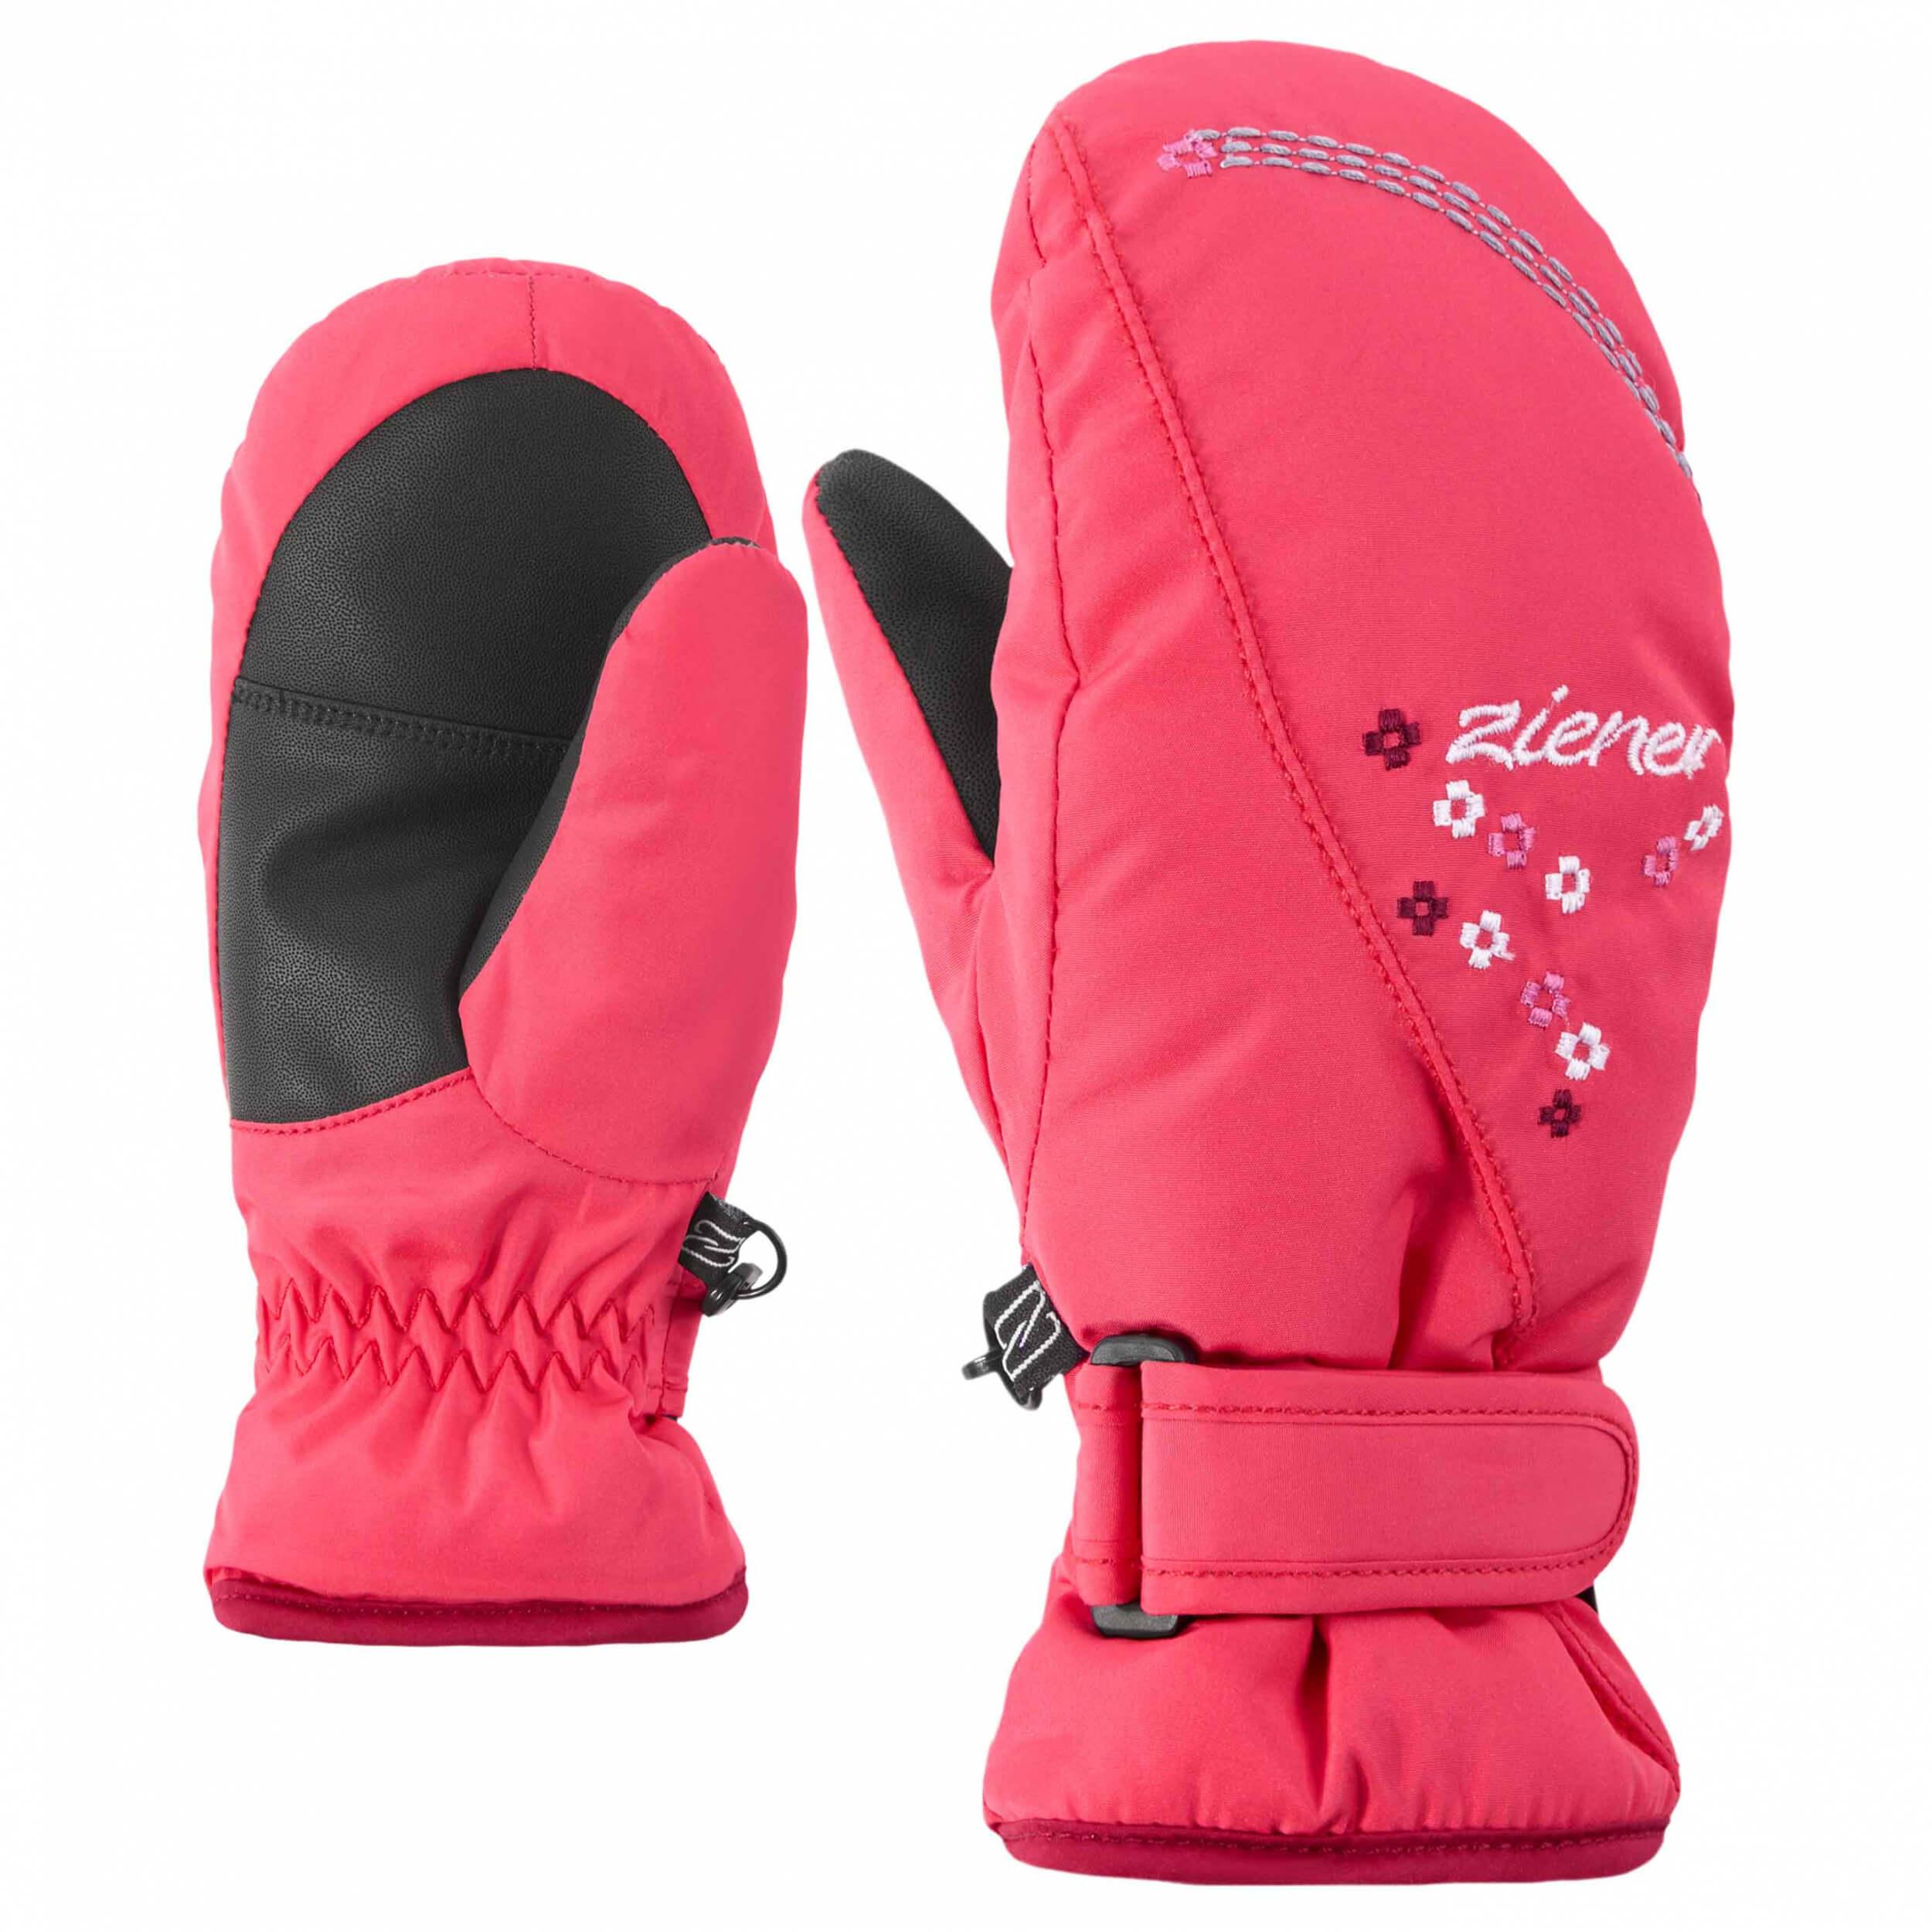 ZIENER Kinder Fäustlinge Lisyo Girls pink 962